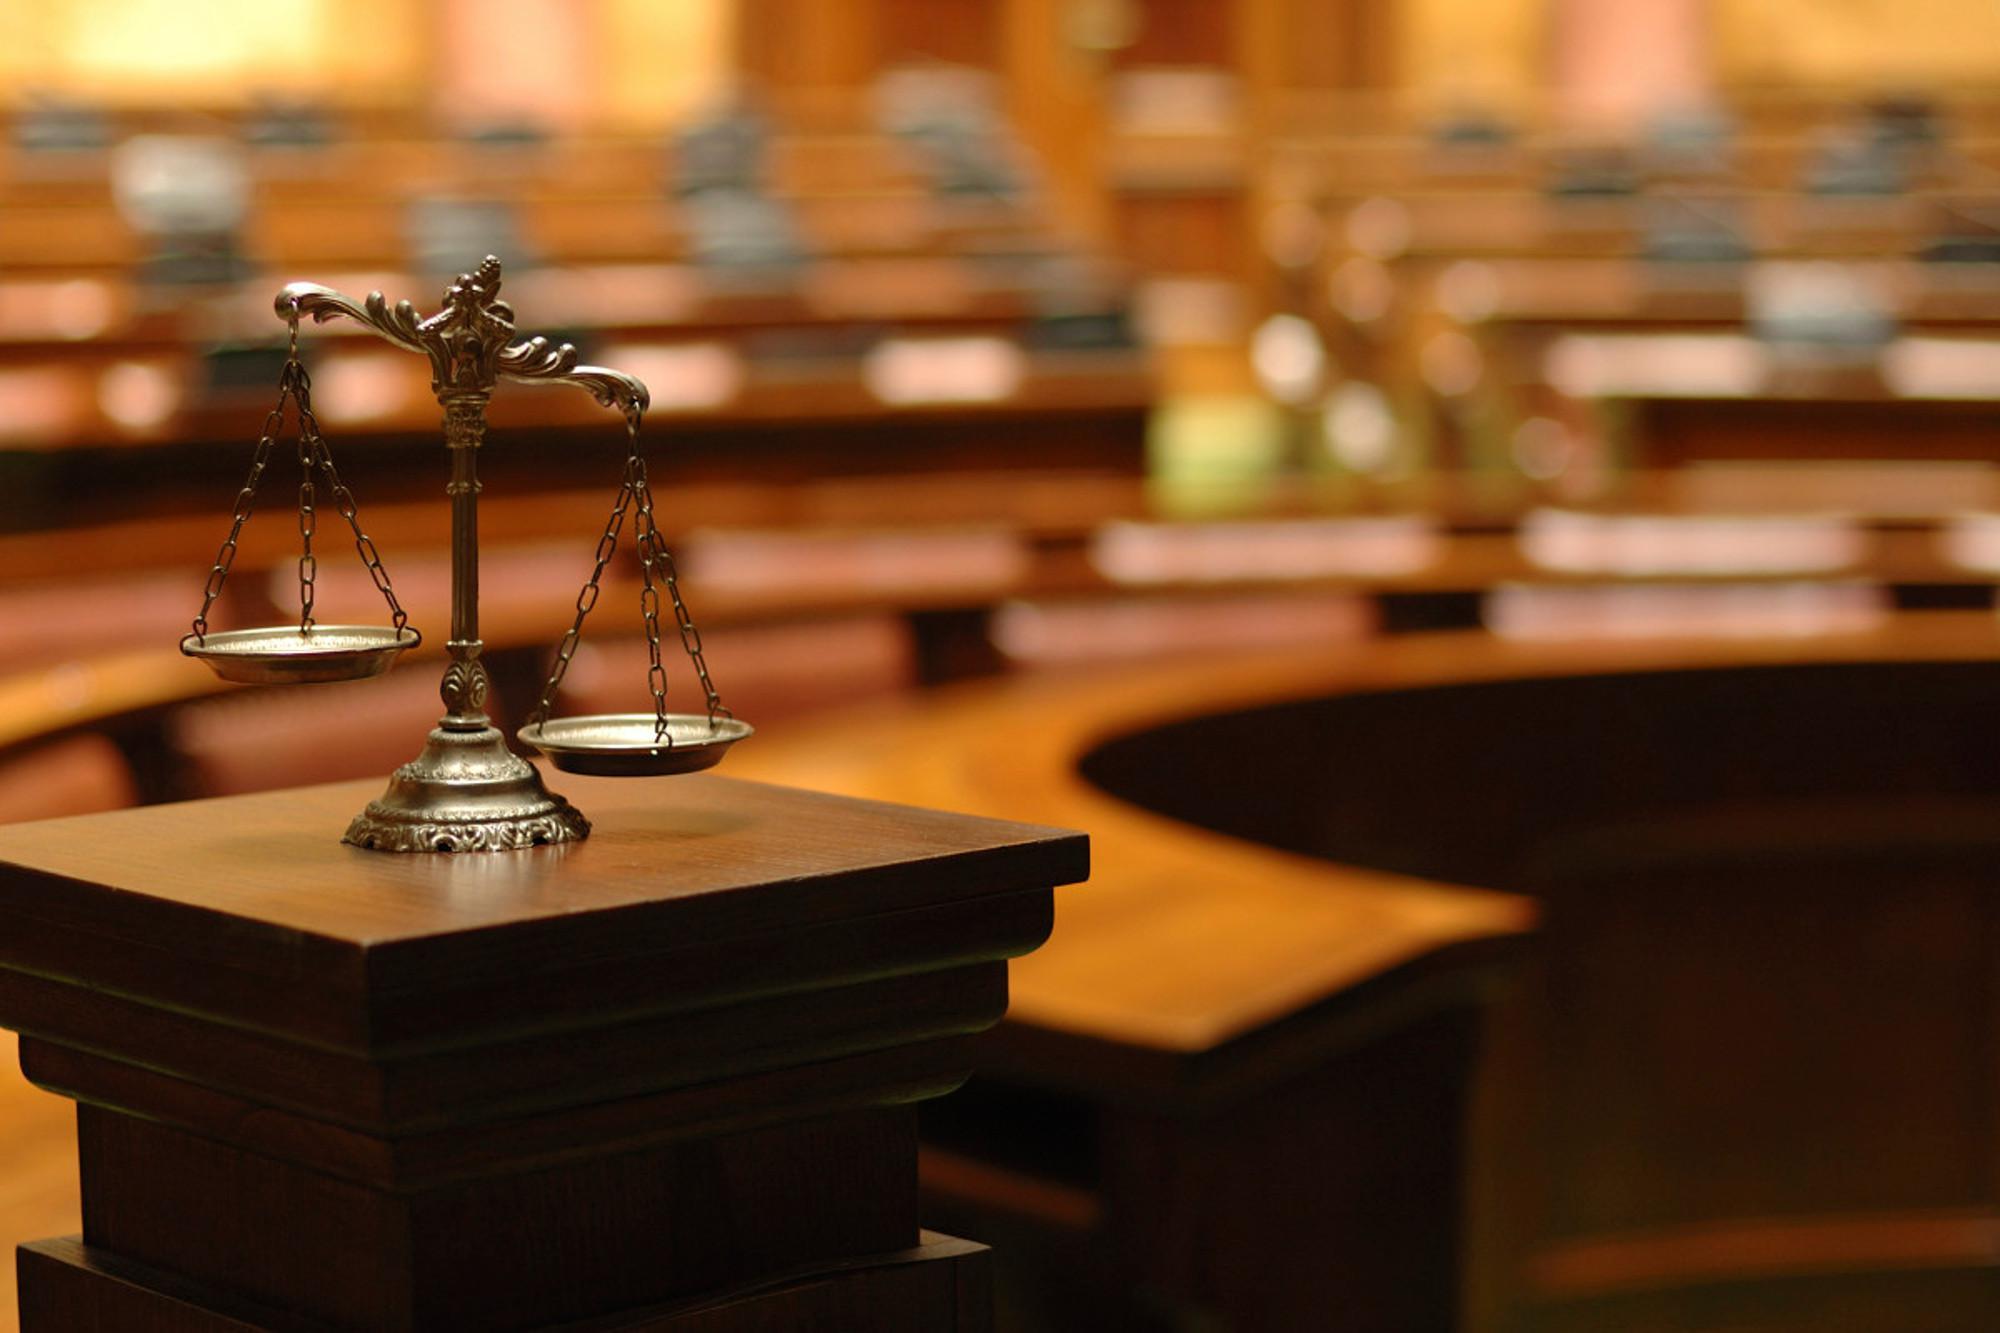 Κουφοντίνας: Συνεχίζεται το μπαράζ αντιδράσεων για την ανακοίνωση της ΕΔΕ - Αντίθετοι ακόμη 92 δικαστές